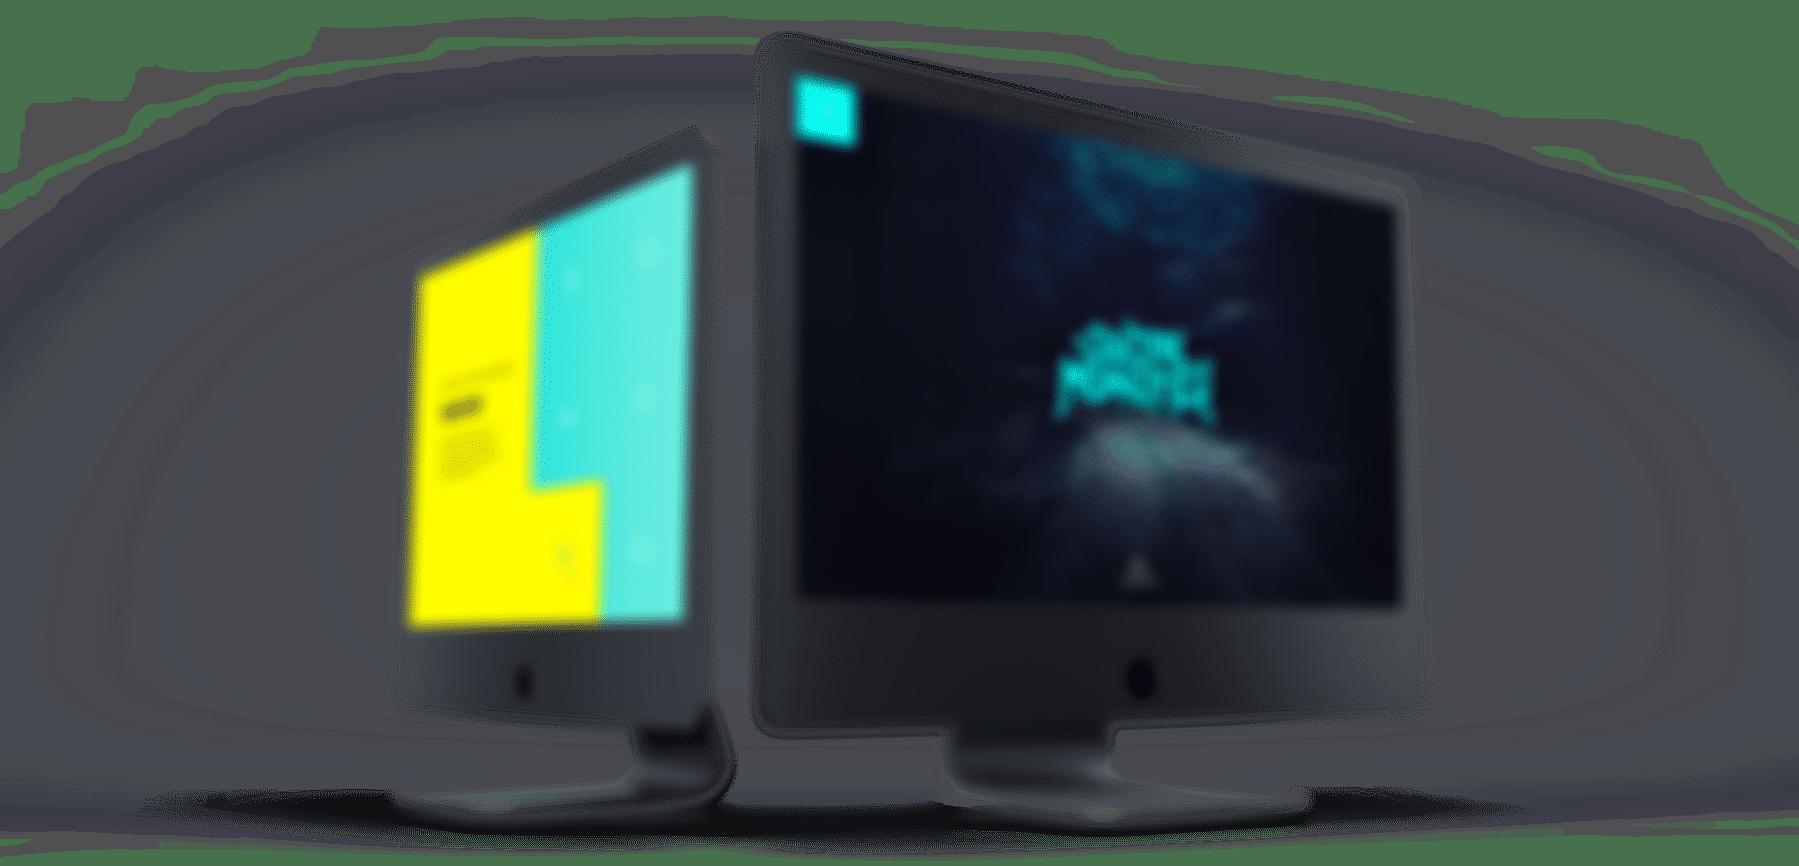 Szara grafika z dwoma monitorami.